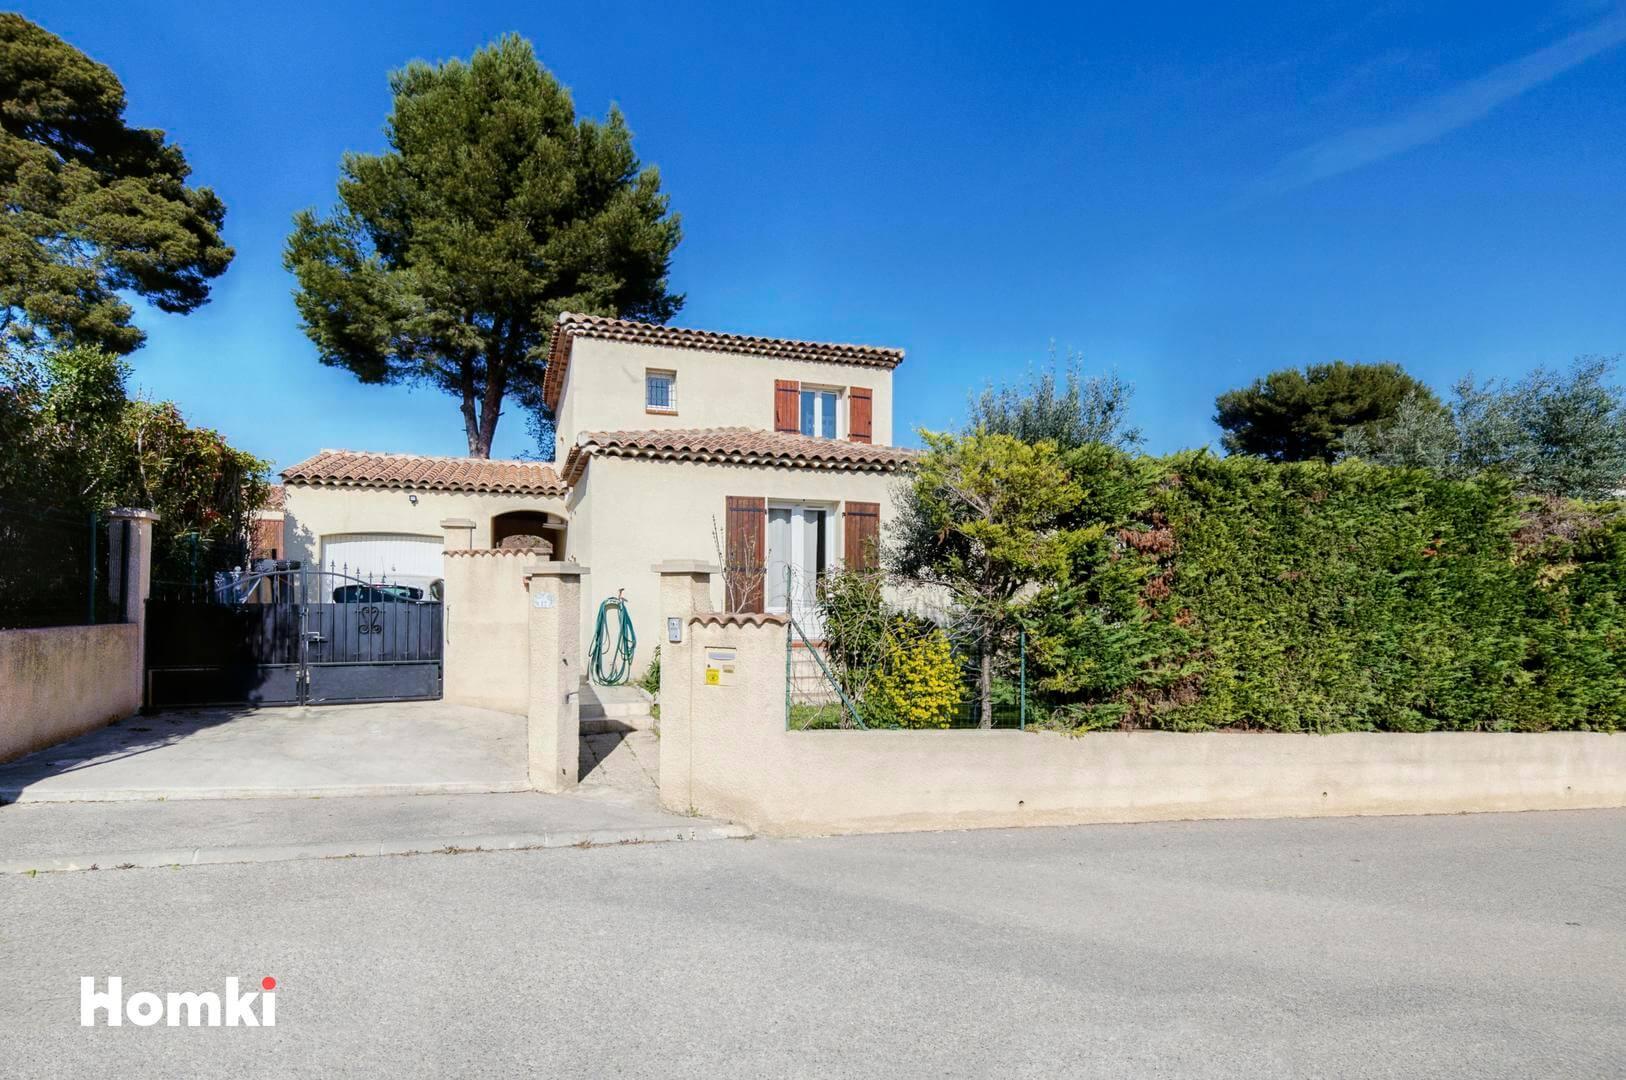 Homki - Vente Maison/villa  de 105.0 m² à Marseille 13013